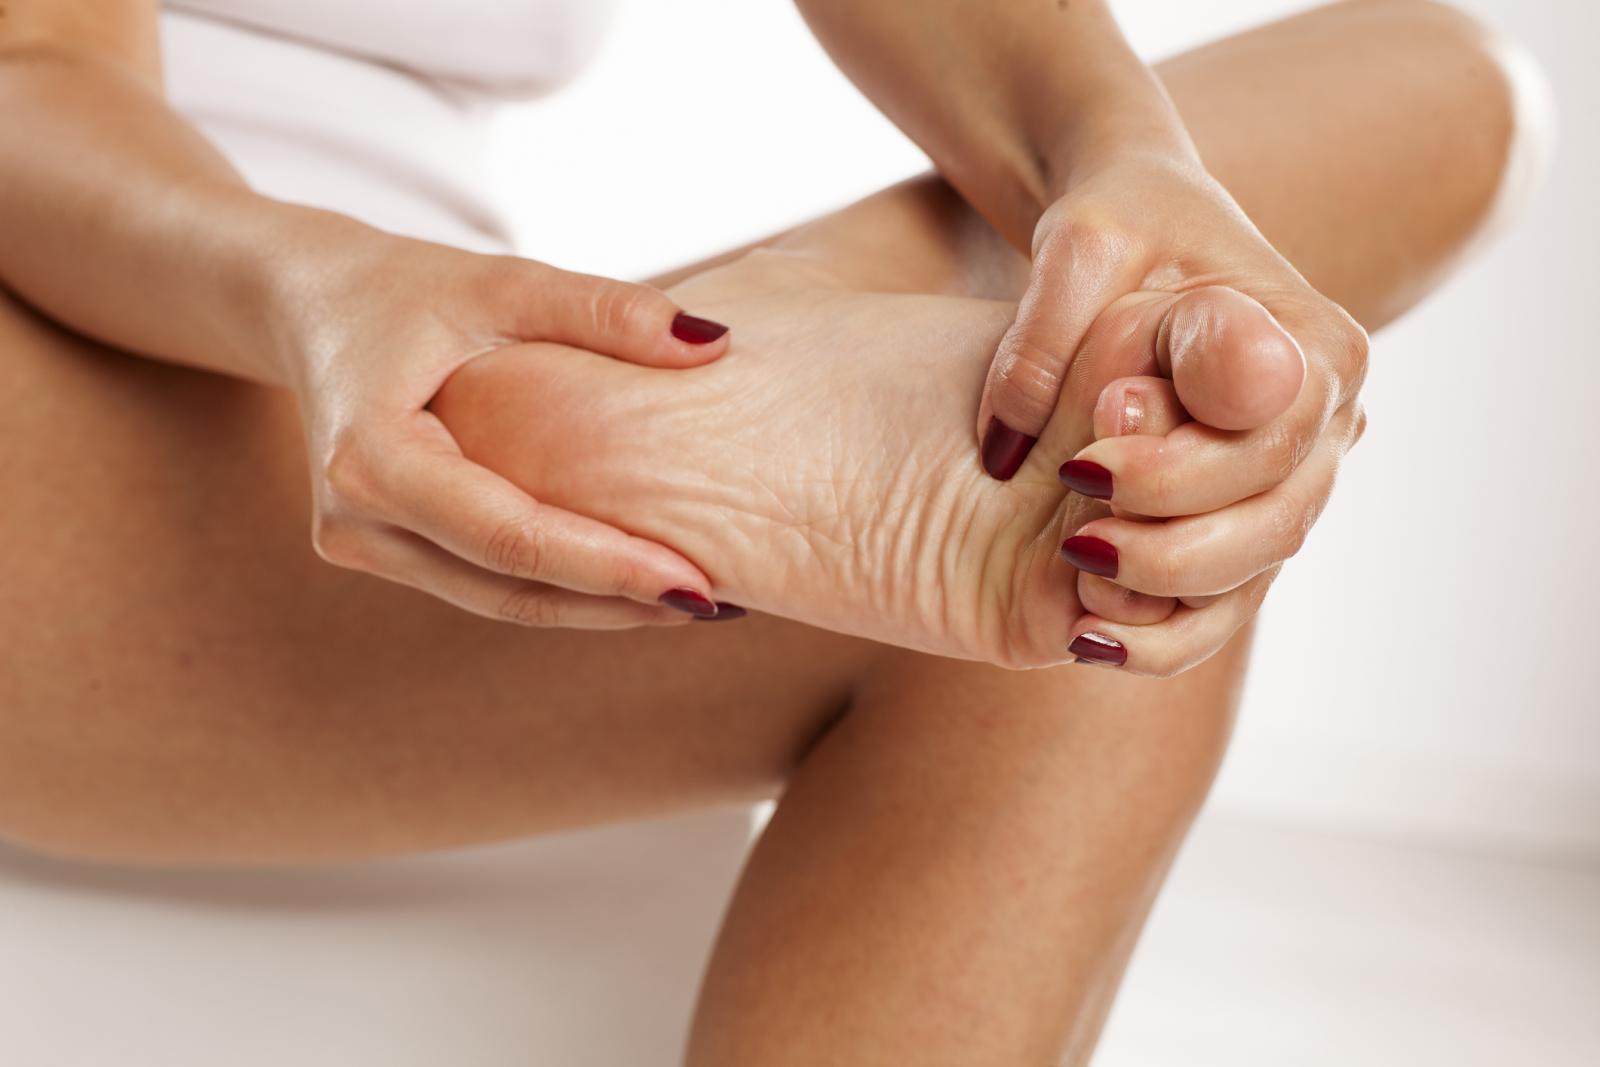 Osjećate li trnce u prstima stopala i tupu bol cijelom dužine noge?